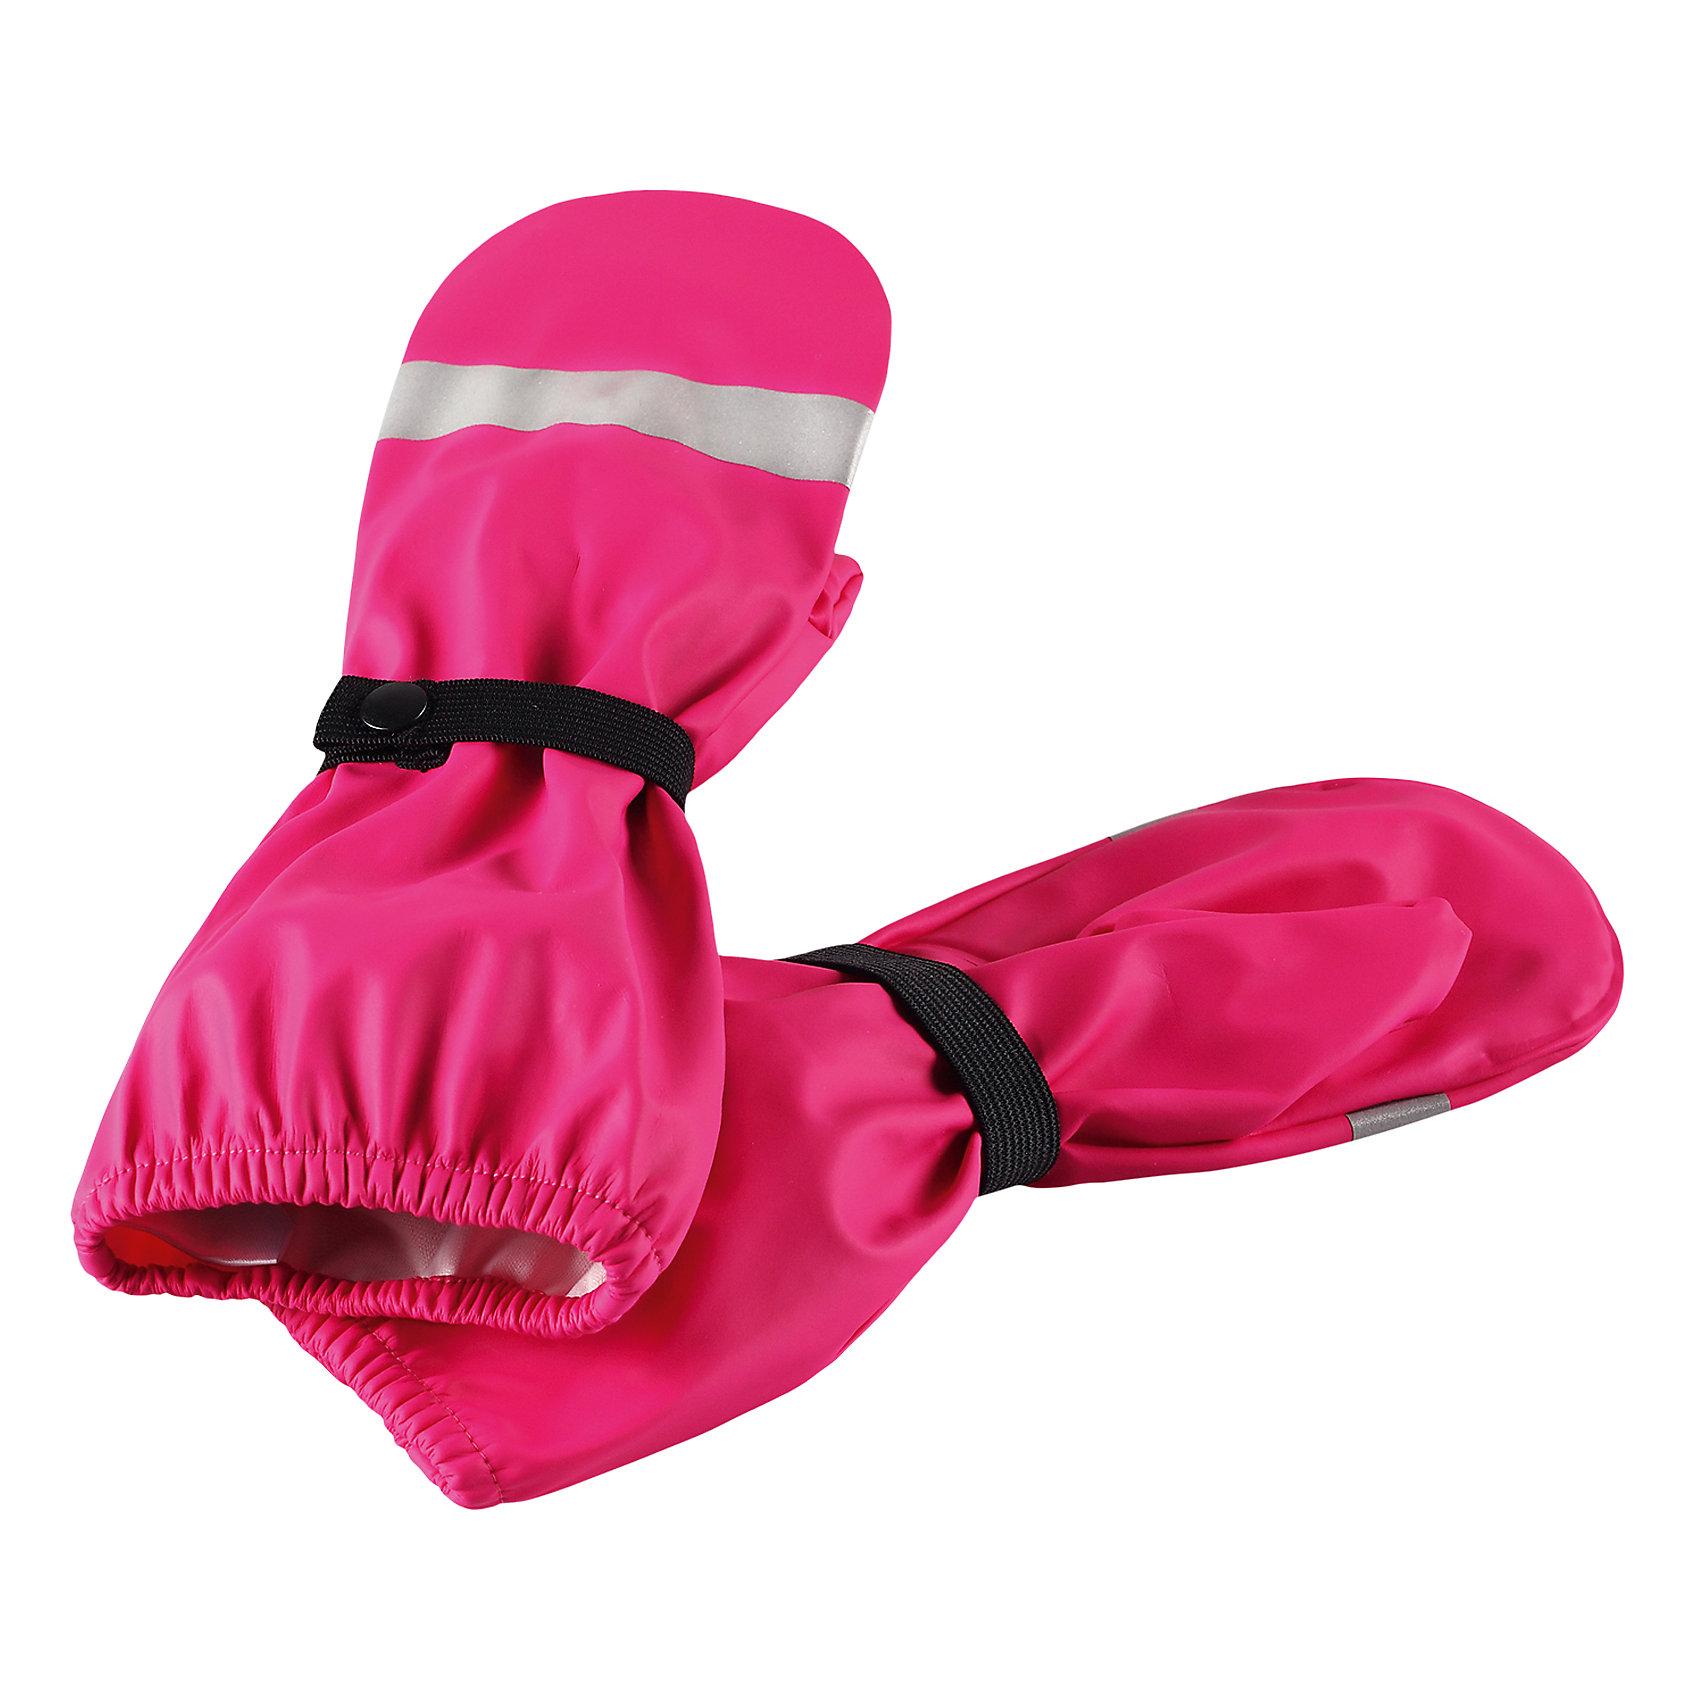 Непромокаемые варежки Kura для девочки ReimaПерчатки и варежки<br>Характеристики товара:<br><br>• цвет: розовый<br>• состав: 100% полиэстер, полиуретановое покрытие<br>• температурный режим: от +10°до +20°С<br>• водонепроницаемость: 10000 мм<br>• водонепроницаемый материал с запаянными швами<br>• светоотражающие детали<br>• эластичный материал<br>• без подкладки<br>• страна производства: Китай<br>• страна бренда: Финляндия<br>• коллекция: весна-лето 2017<br><br>Reima представляет новые варежки для детей. Они помогут обеспечить ребенку комфорт и дополнить наряд. Варежки отлично смотрятся с различной одеждой. Изделия удобно сидят и модно выглядят, в их основе - водонепроницаемый материал. Просты в уходе, долго служат. Стильный дизайн разрабатывался специально для детей.<br><br>Одежда и обувь от финского бренда Reima пользуется популярностью во многих странах. Эти изделия стильные, качественные и удобные. Для производства продукции используются только безопасные, проверенные материалы и фурнитура. Порадуйте ребенка модными и красивыми вещами от Reima! <br><br>Варежки от финского бренда Reima (Рейма) можно купить в нашем интернет-магазине.<br><br>Ширина мм: 162<br>Глубина мм: 171<br>Высота мм: 55<br>Вес г: 119<br>Цвет: розовый<br>Возраст от месяцев: 24<br>Возраст до месяцев: 48<br>Пол: Женский<br>Возраст: Детский<br>Размер: 3,4,5,1,2<br>SKU: 5268086